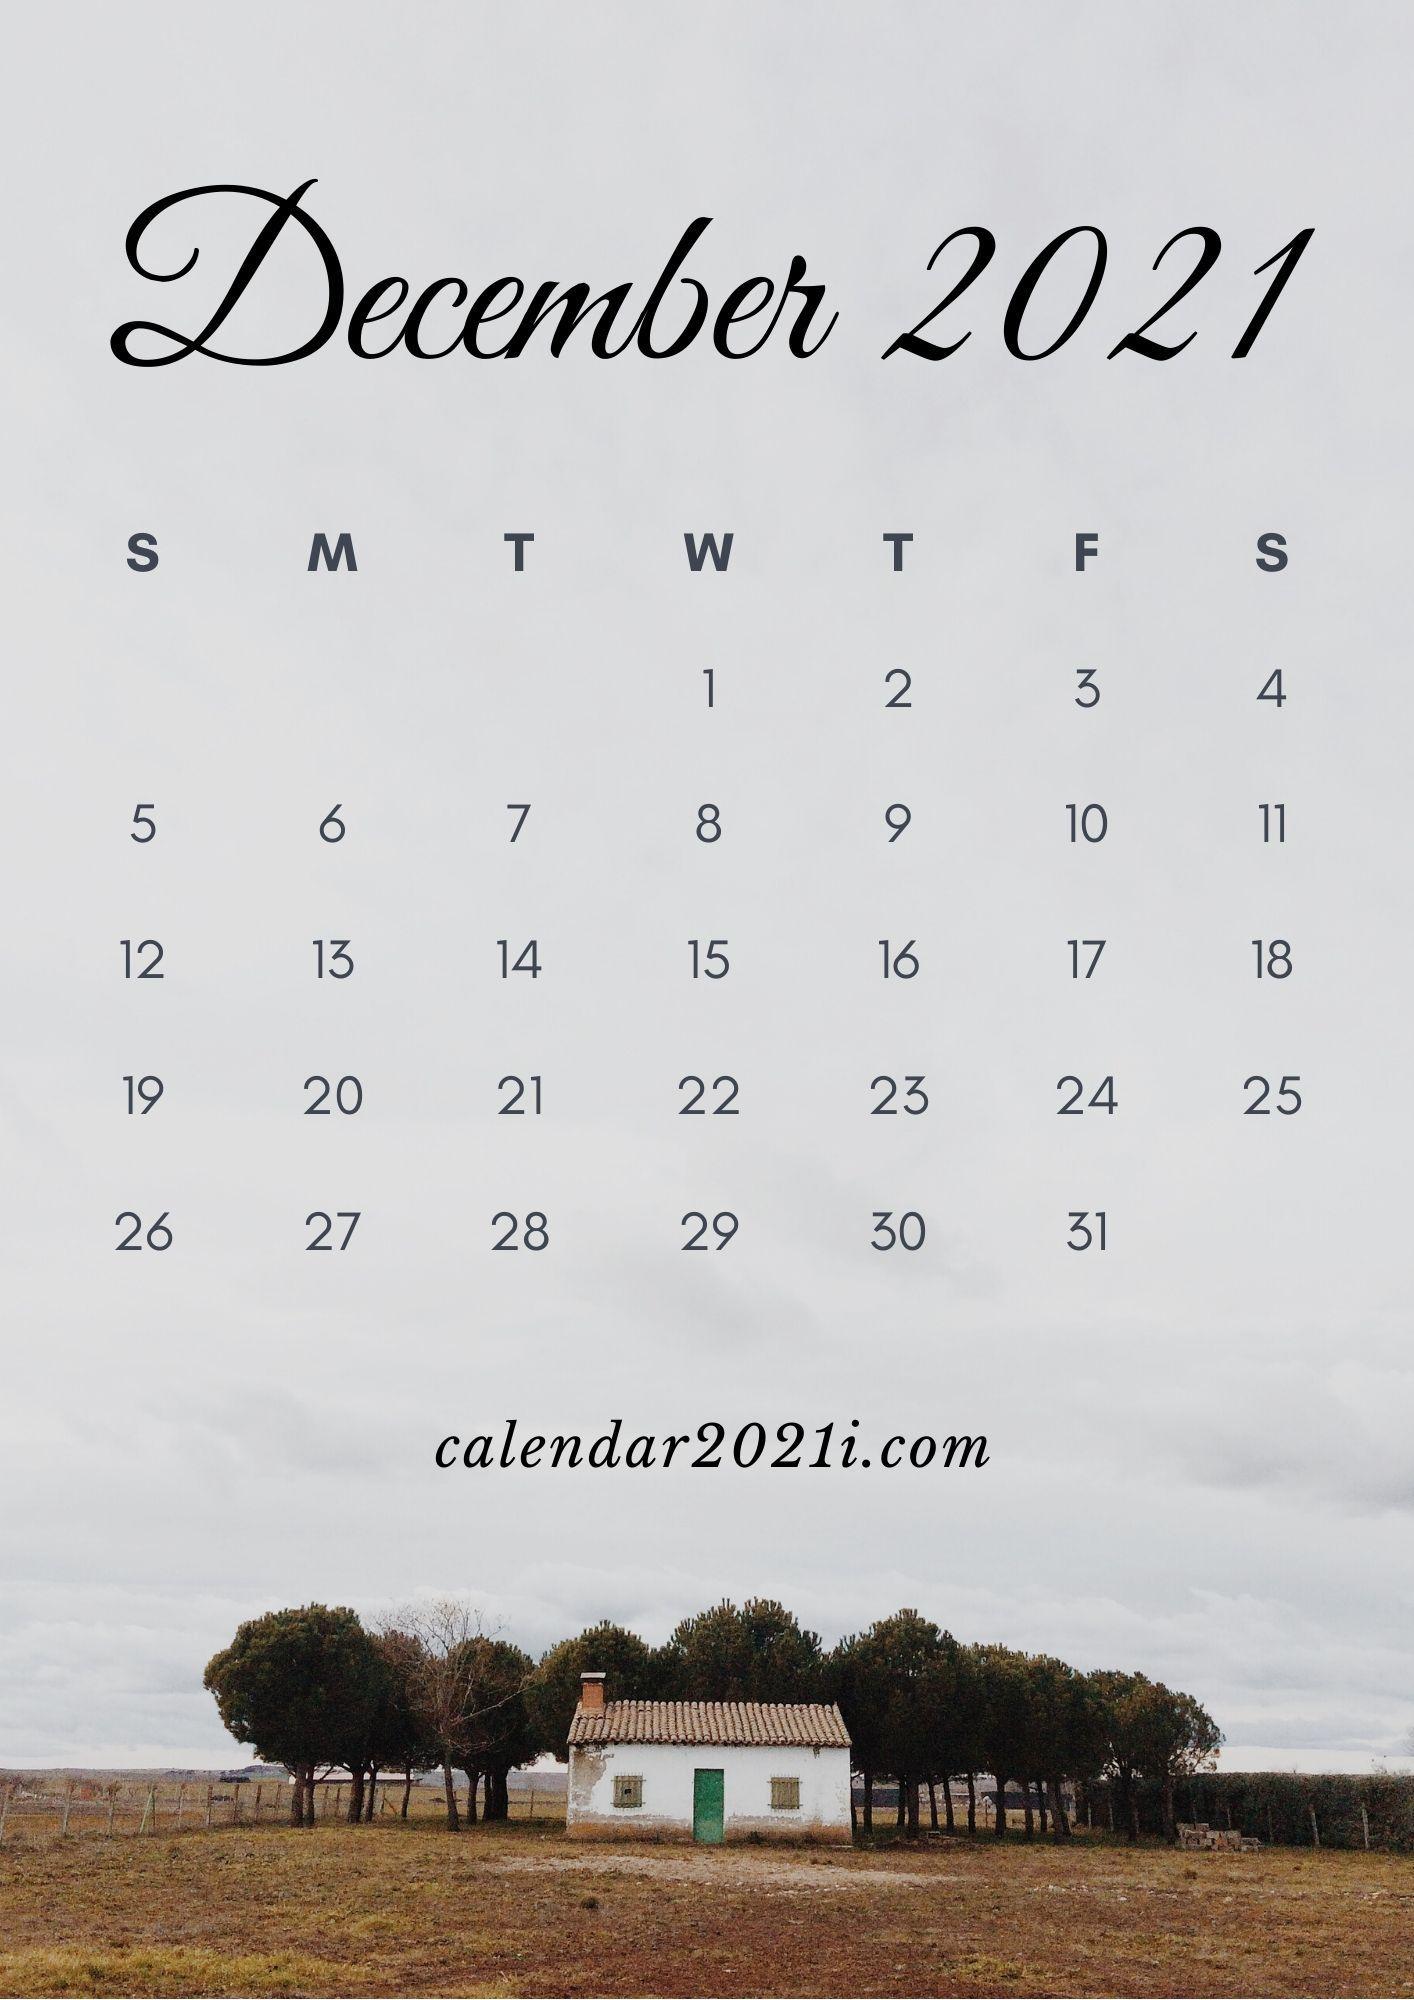 December 2021 Calendar iPhone Wallpaper in High Definition 1414x2000